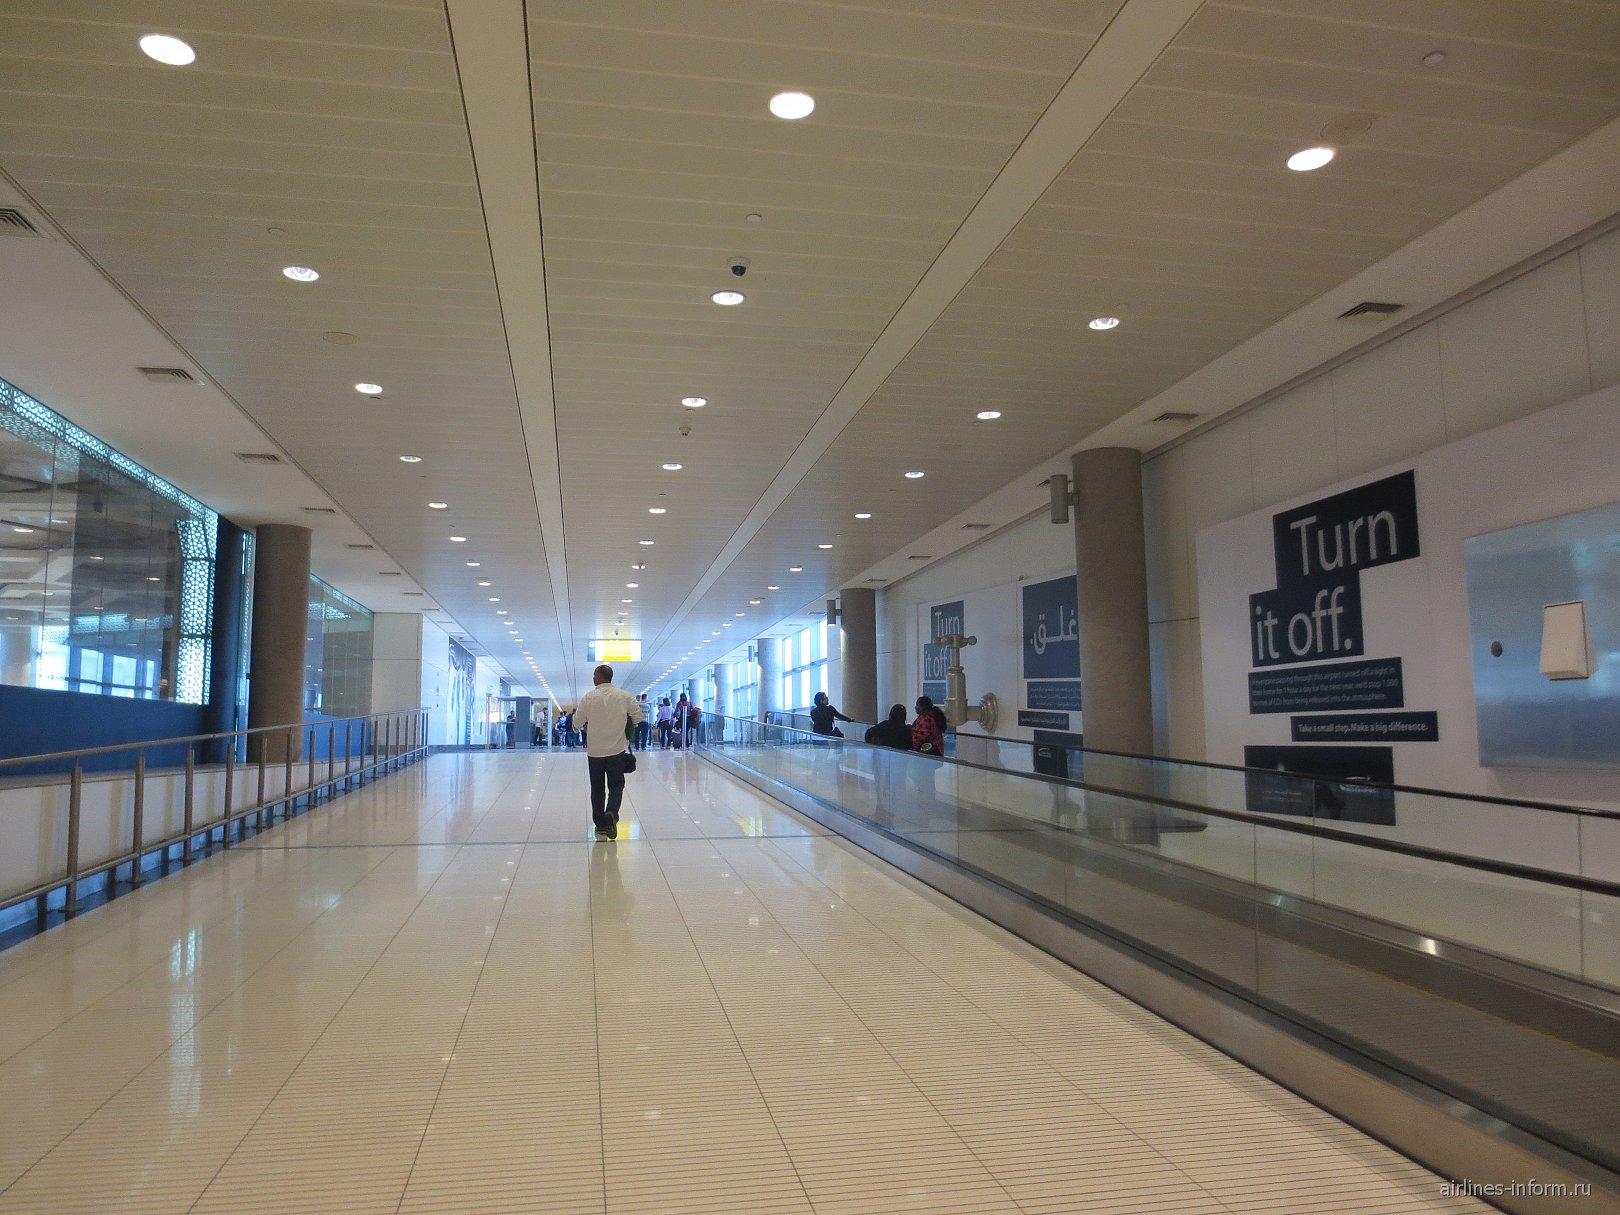 Переход в аэропорту Абу-Даби